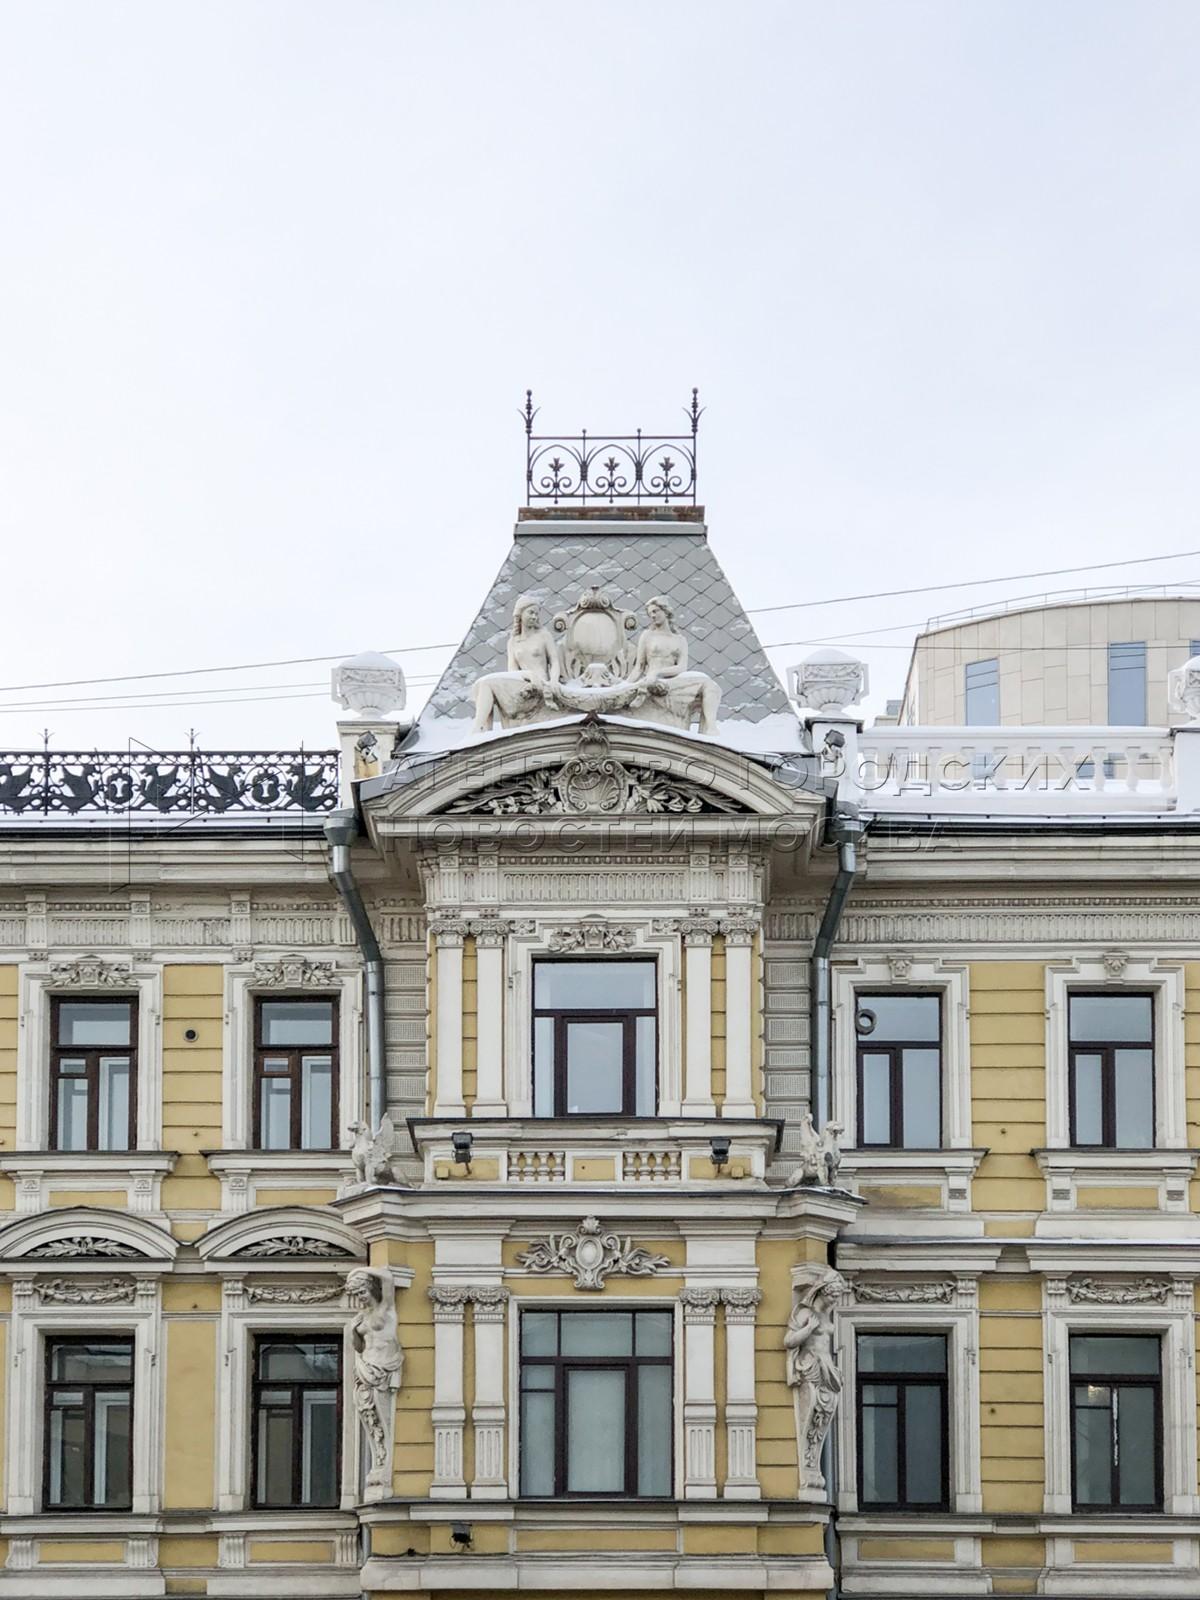 Признанный памятником архитектуры доходный дом купца Камзолкина на проспекте Мира в центре Москвы.